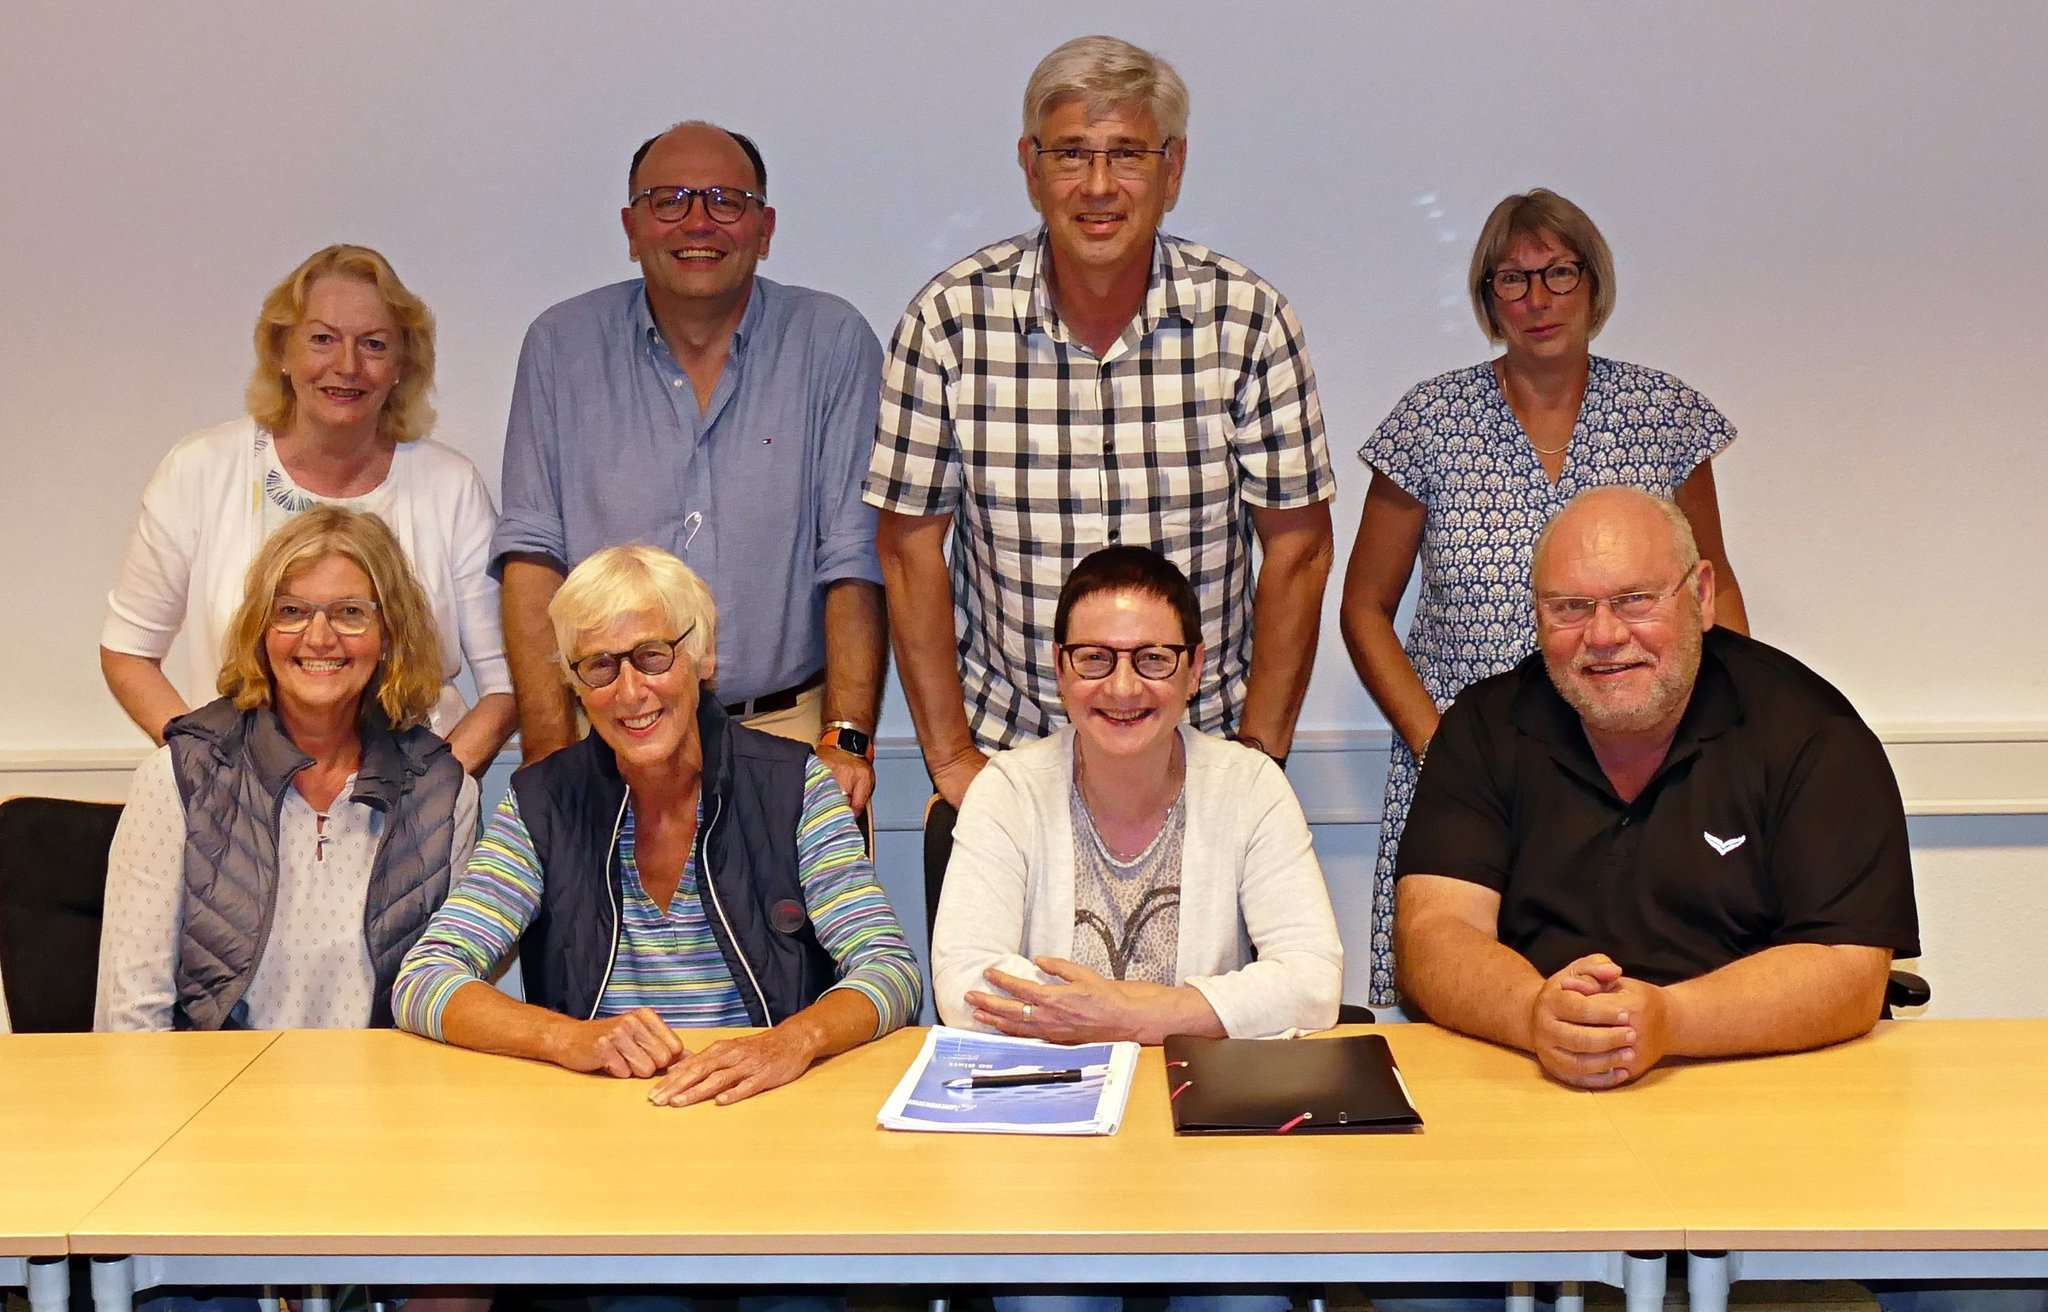 Der Vorstand des Vereins um die neue Vorsitzende Ingrid Kohner (vorne, Zweite von links) möchte seine Arbeit im Sinne des verstorbenen Vorsitzenden fortsetzen.